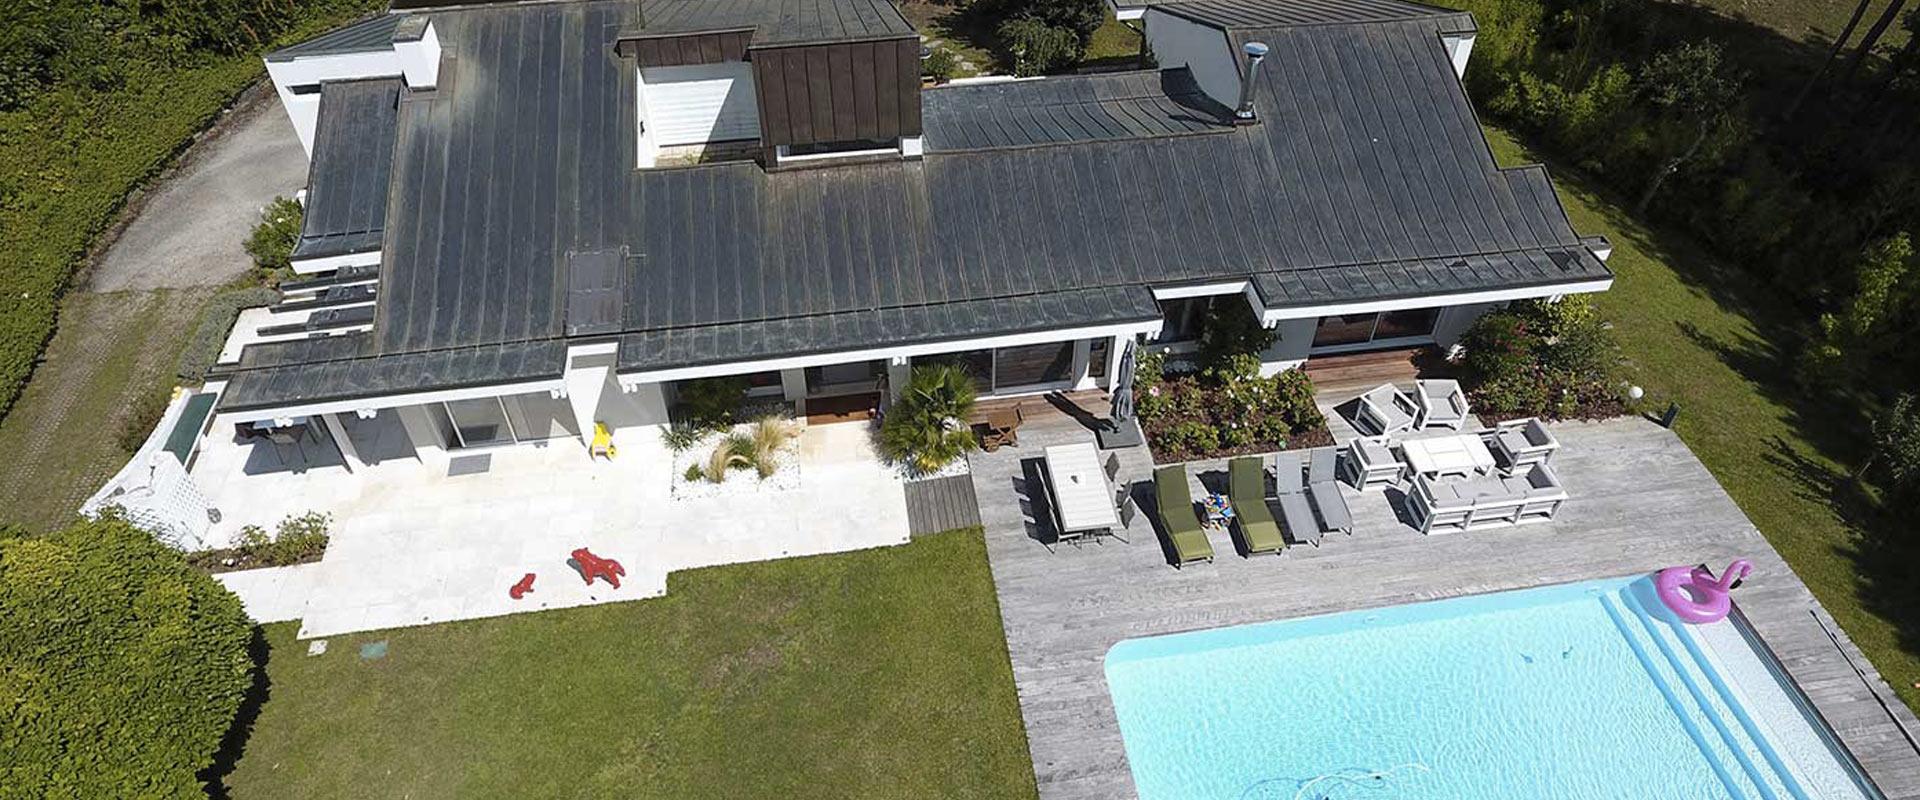 Visite Privée Slide page d'accueil Vidéo aérienne drone